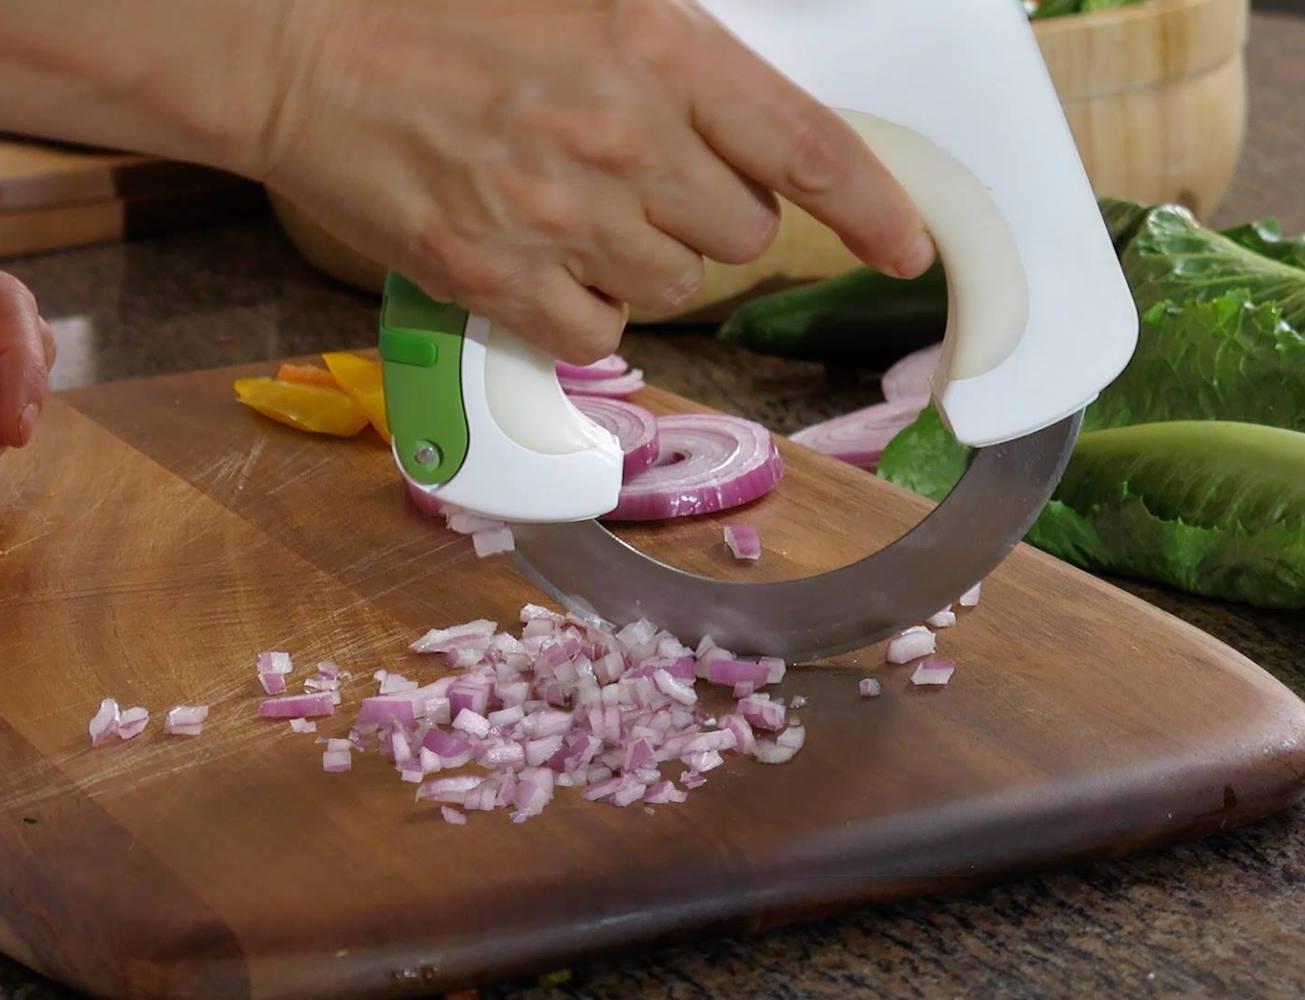 چاقوی گرد دایره ای برای برش سریع و آسان سبزیجات ، گوشت ، کیک